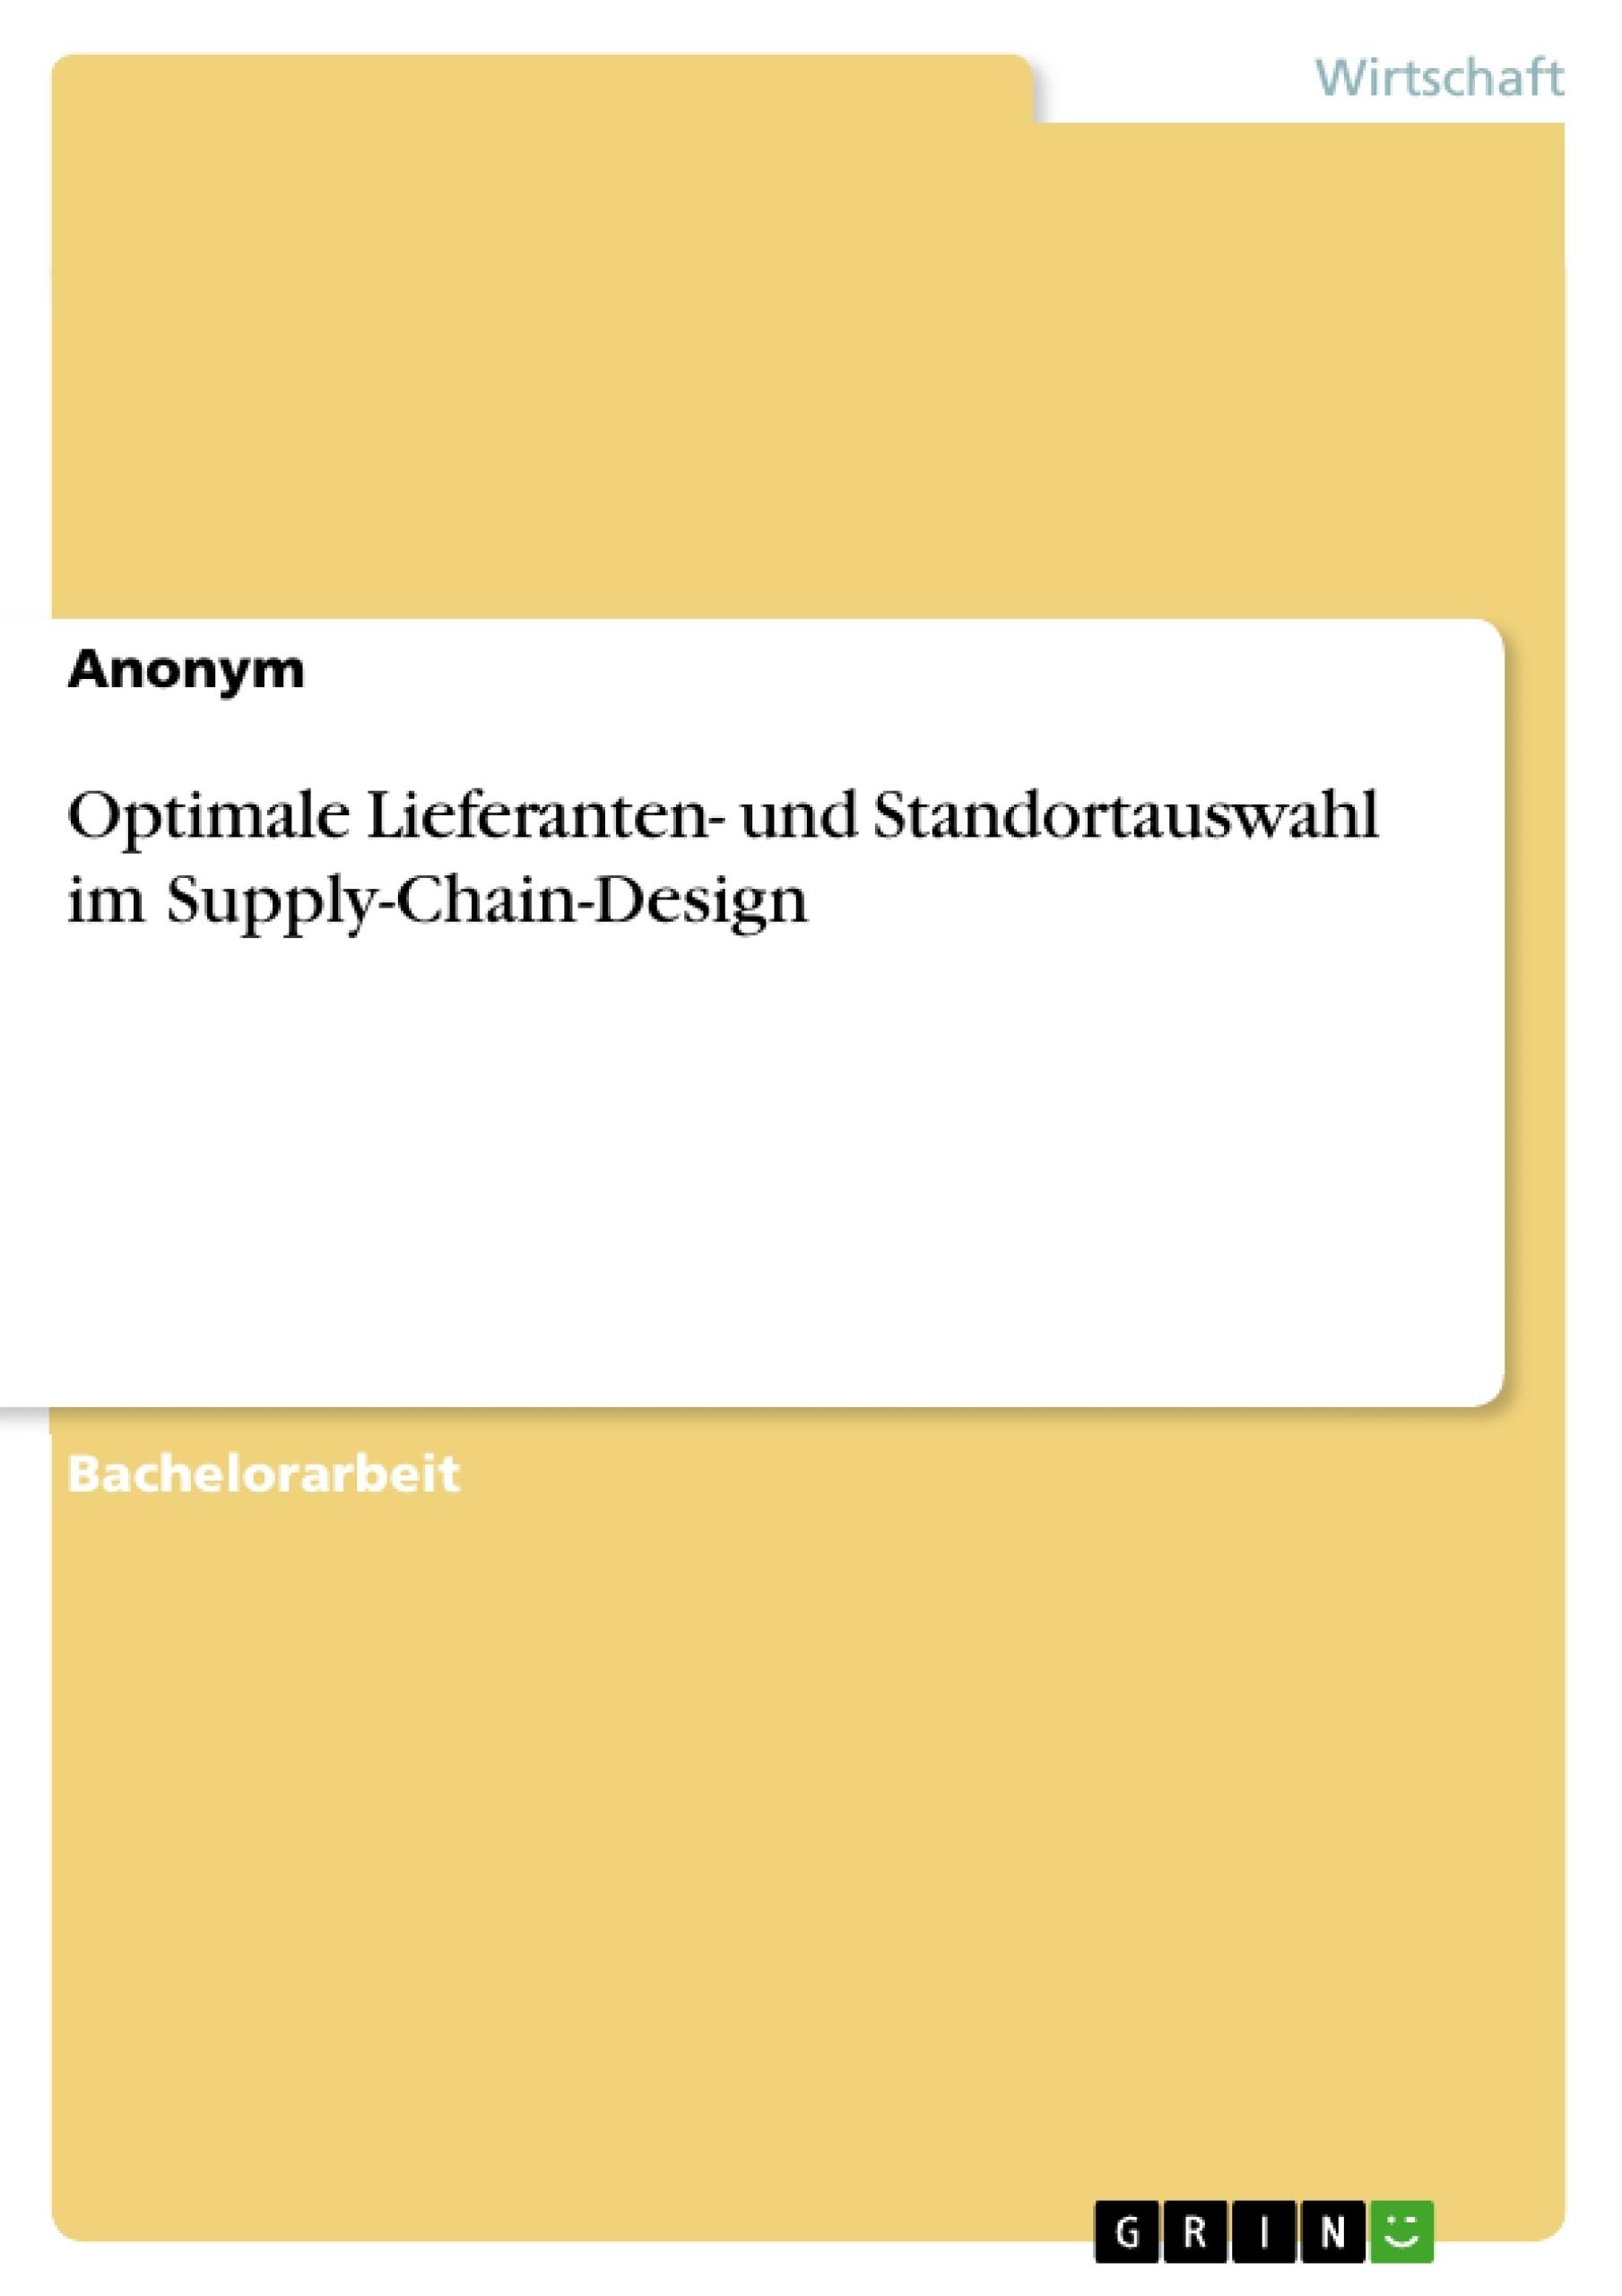 Titel: Optimale Lieferanten- und Standortauswahl im Supply-Chain-Design